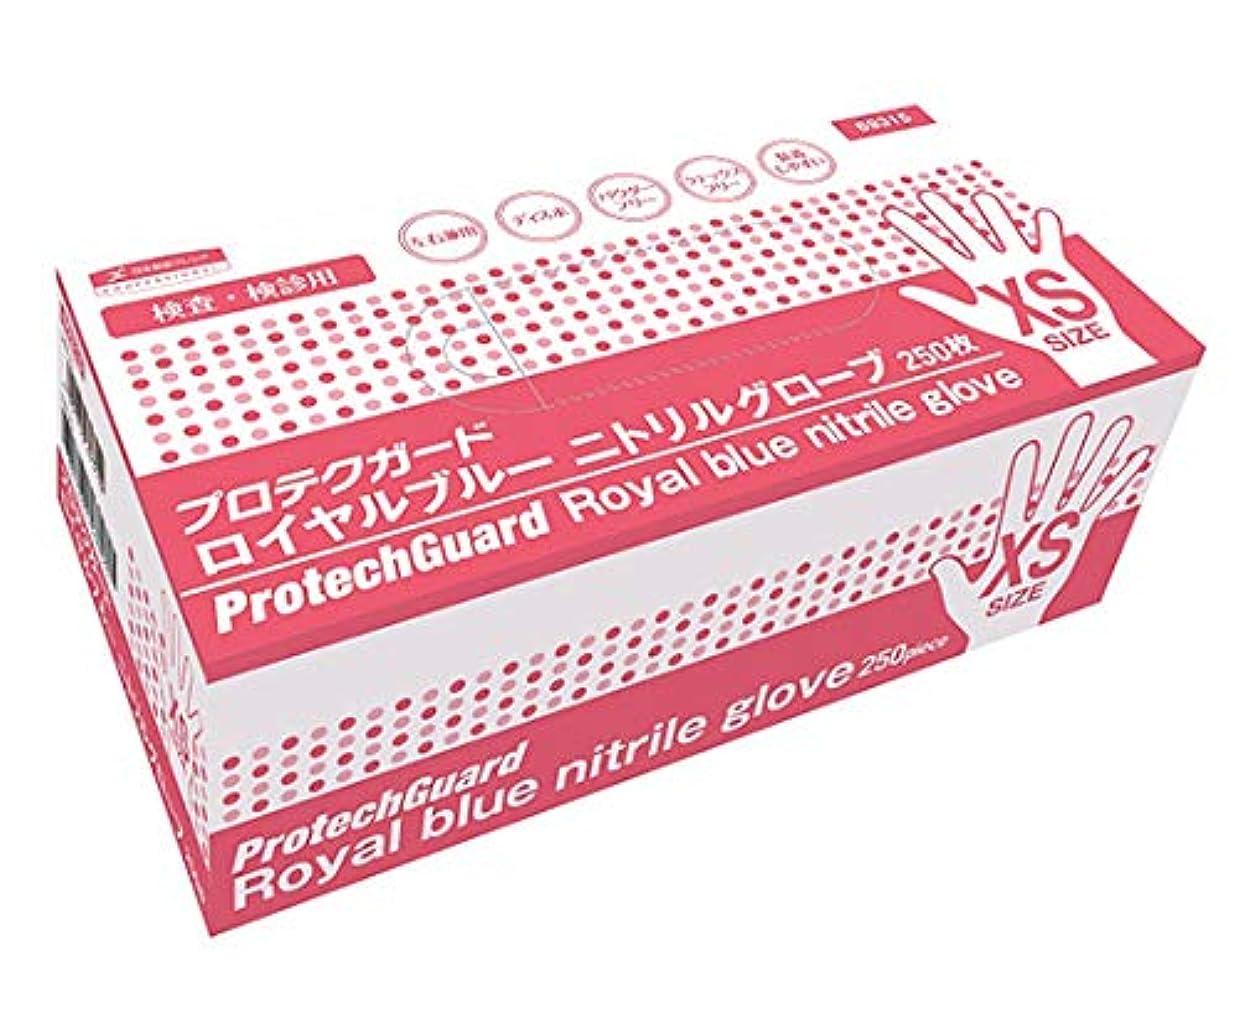 アルコーブ吸収剤貯水池クレシア プロテクガード ロイヤルブルーニトリルグローブ XS 250枚×10箱